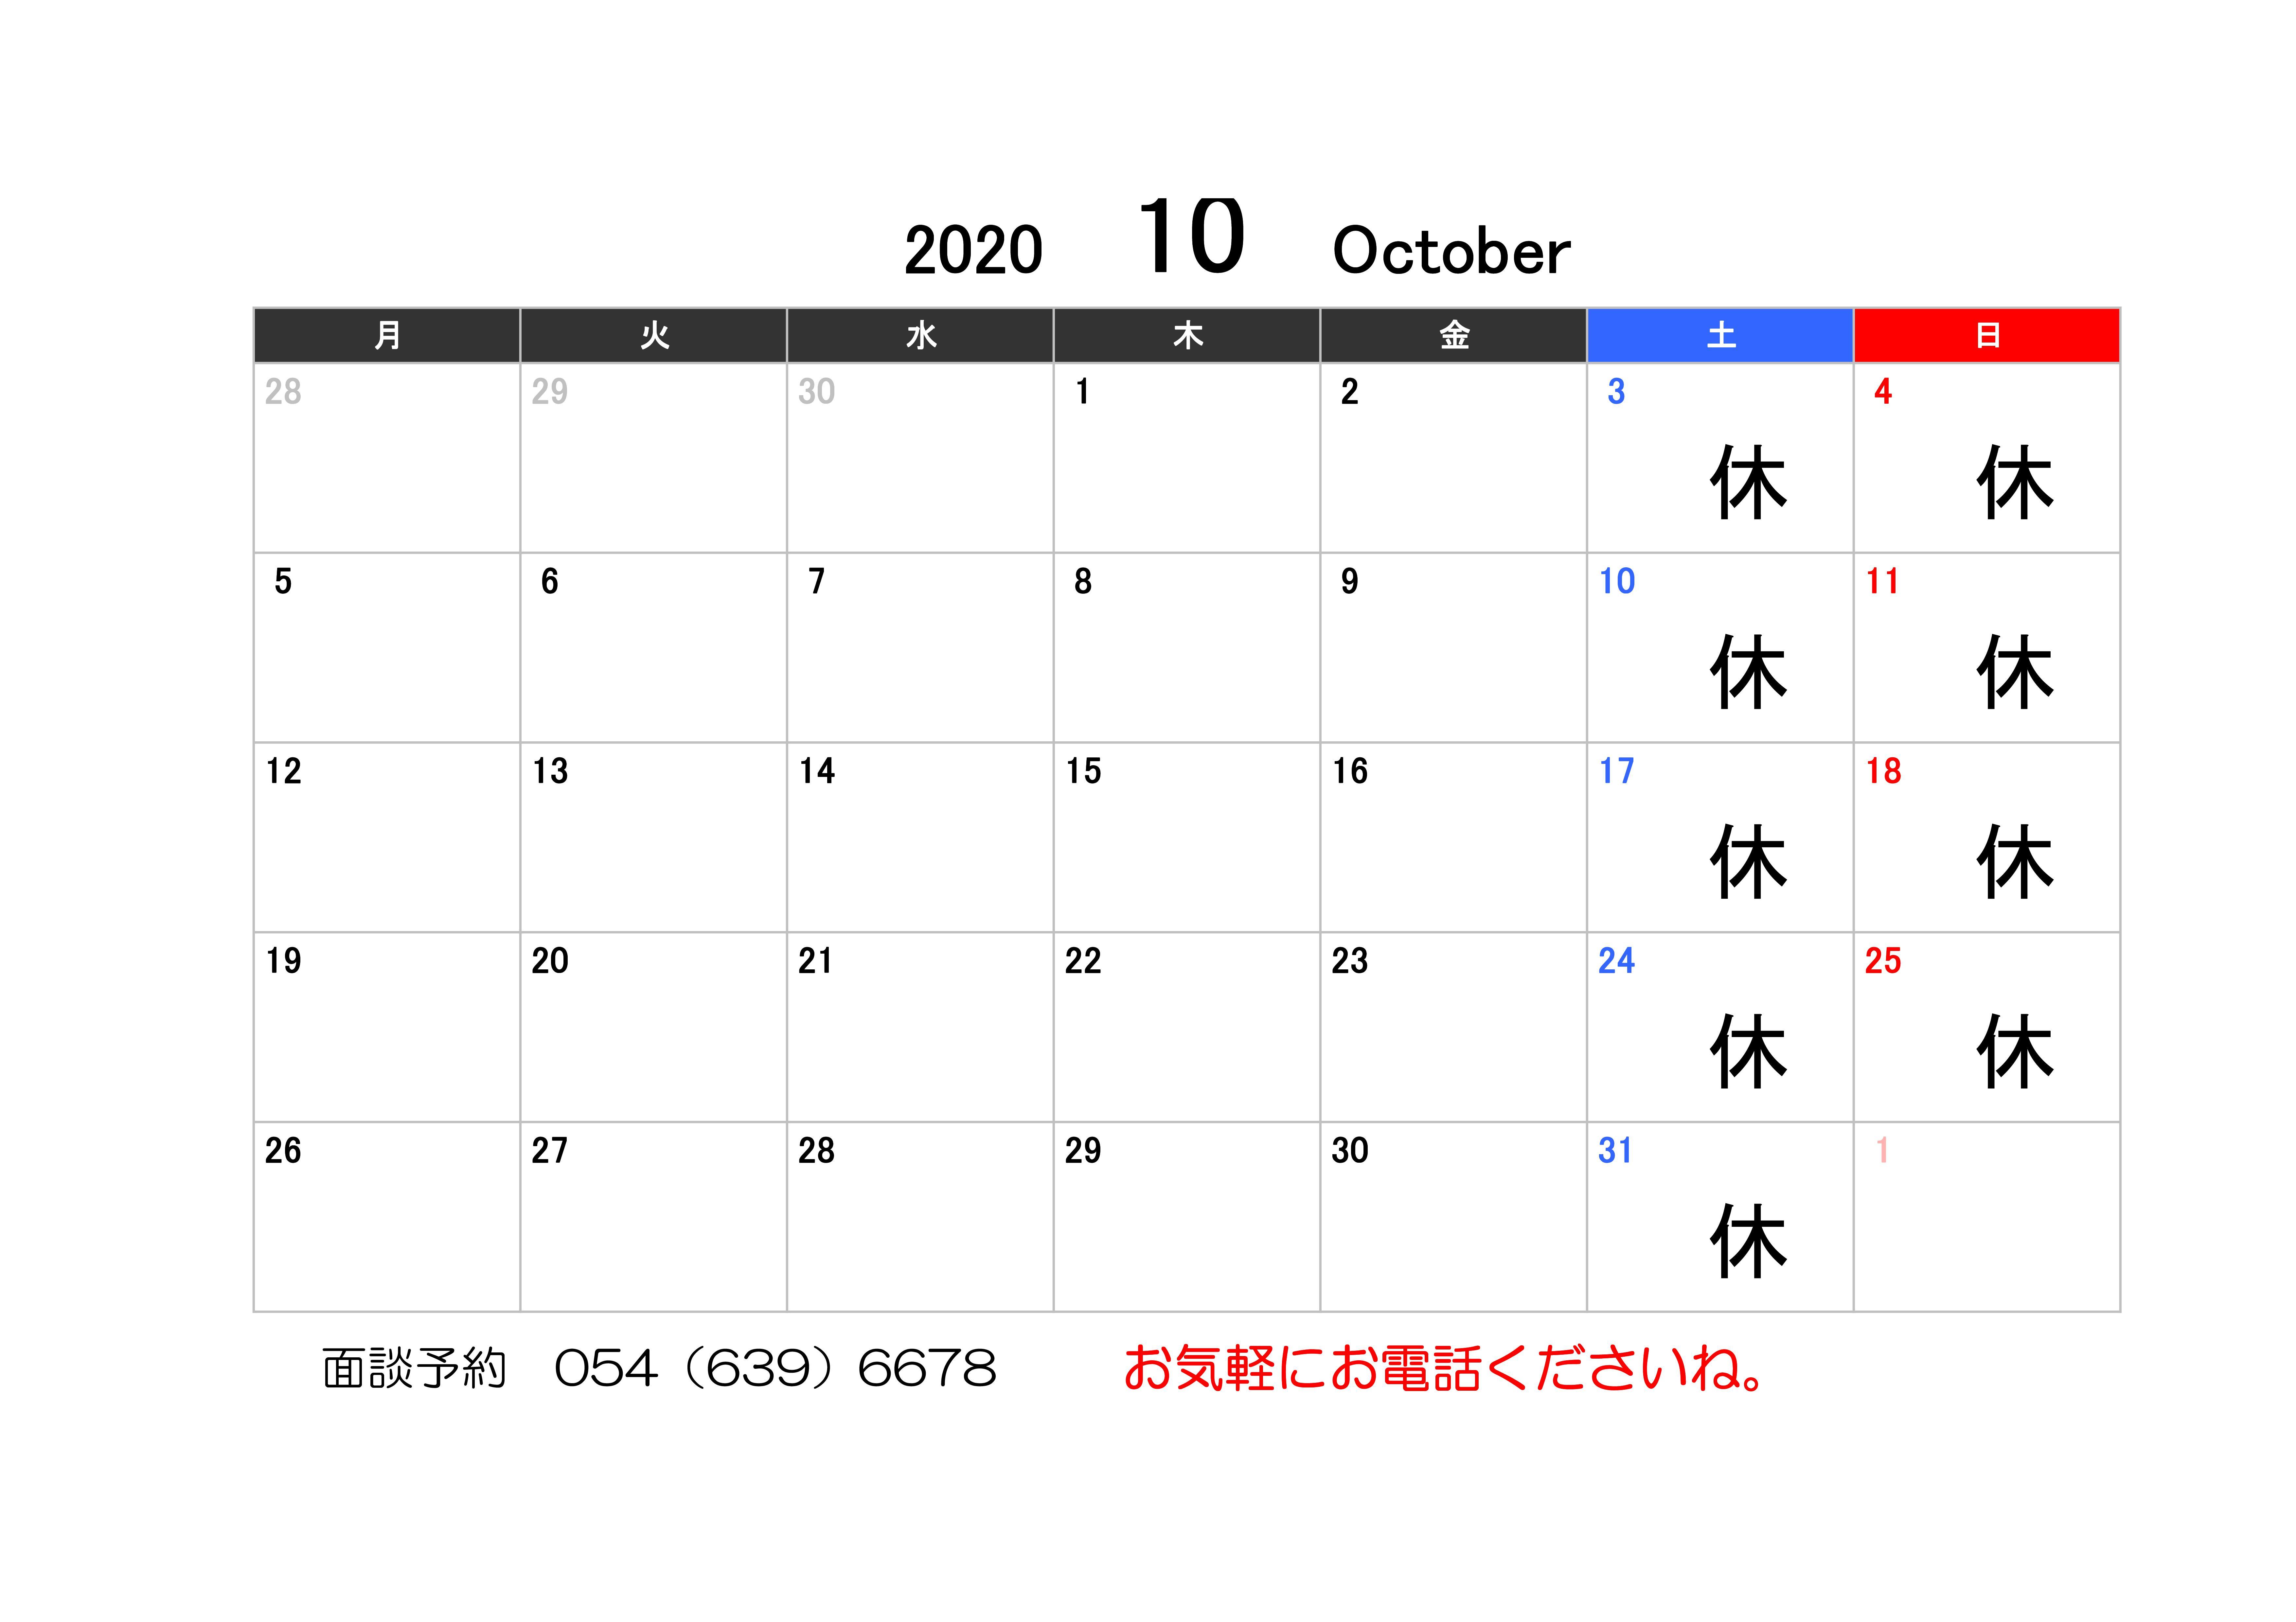 【お知らせ】10月の営業日のお知らせです。